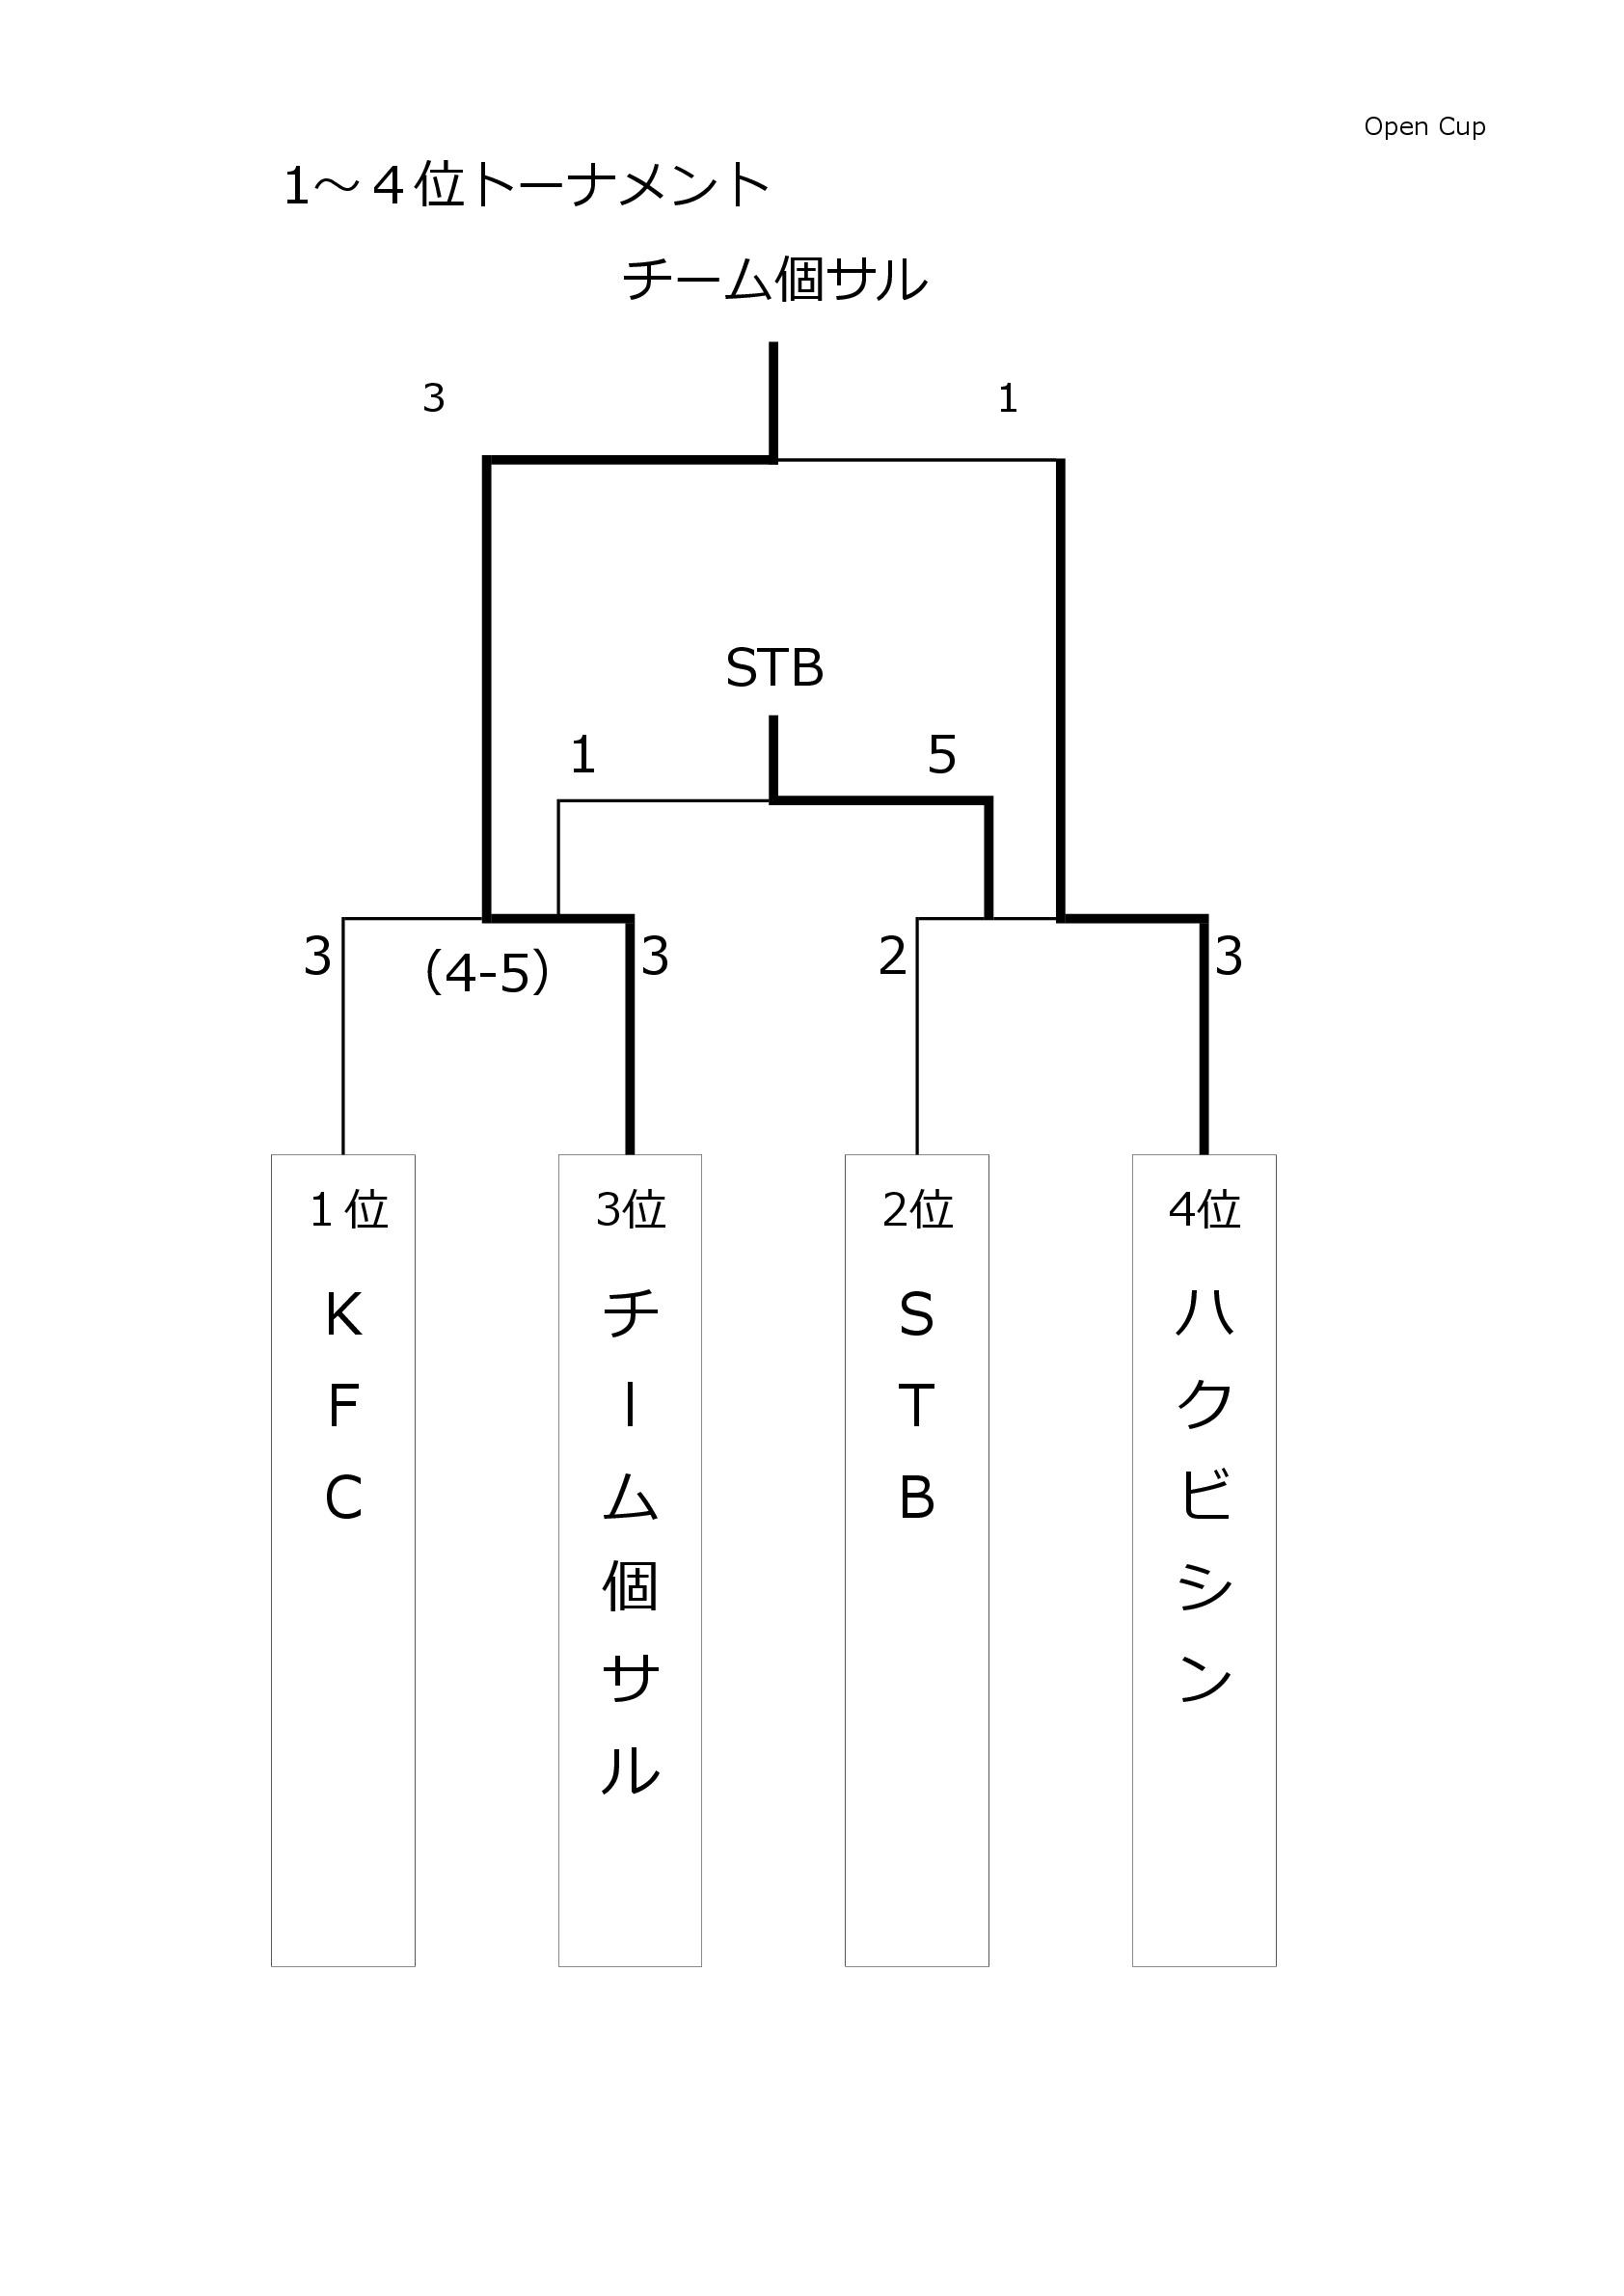 4.9 第11回 Open Cup-001 (2)